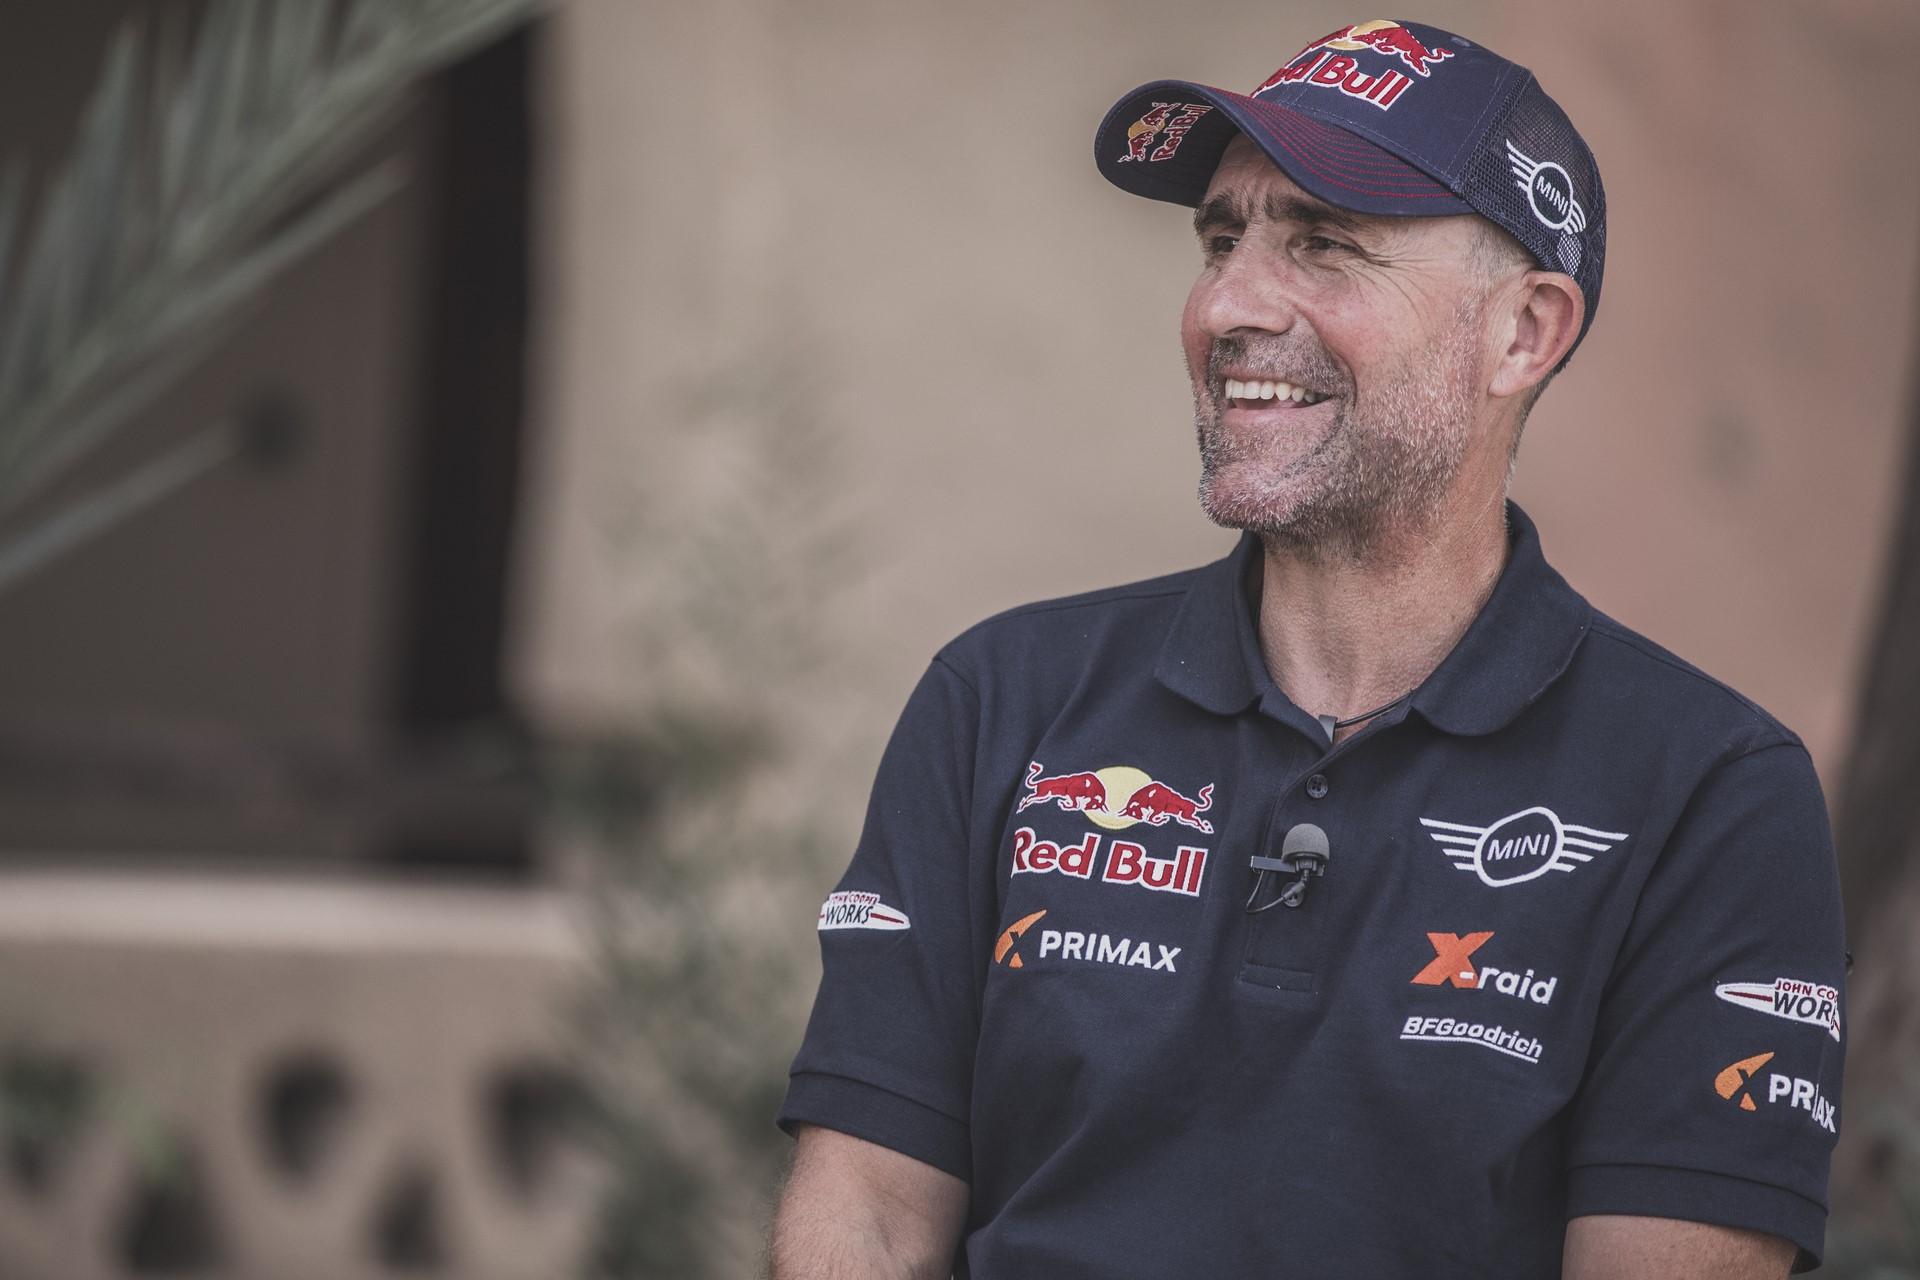 Stephane Peterhansel (FRA) gives an interview in Erfoud , Morocco on September 24, 2018